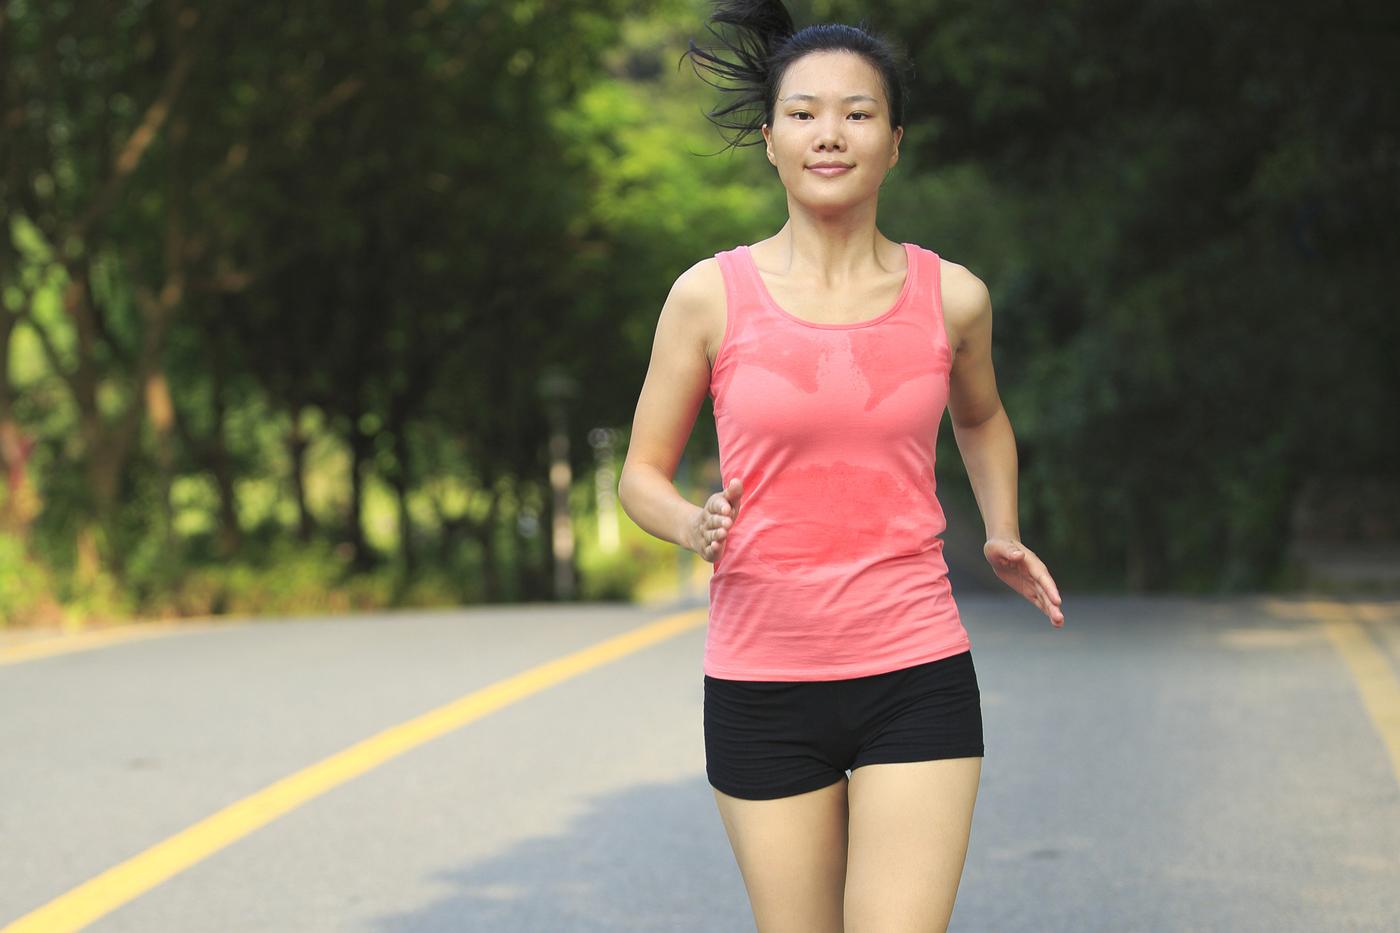 提升體溫就增免疫力 簡單3招讓身體發熱抗病毒